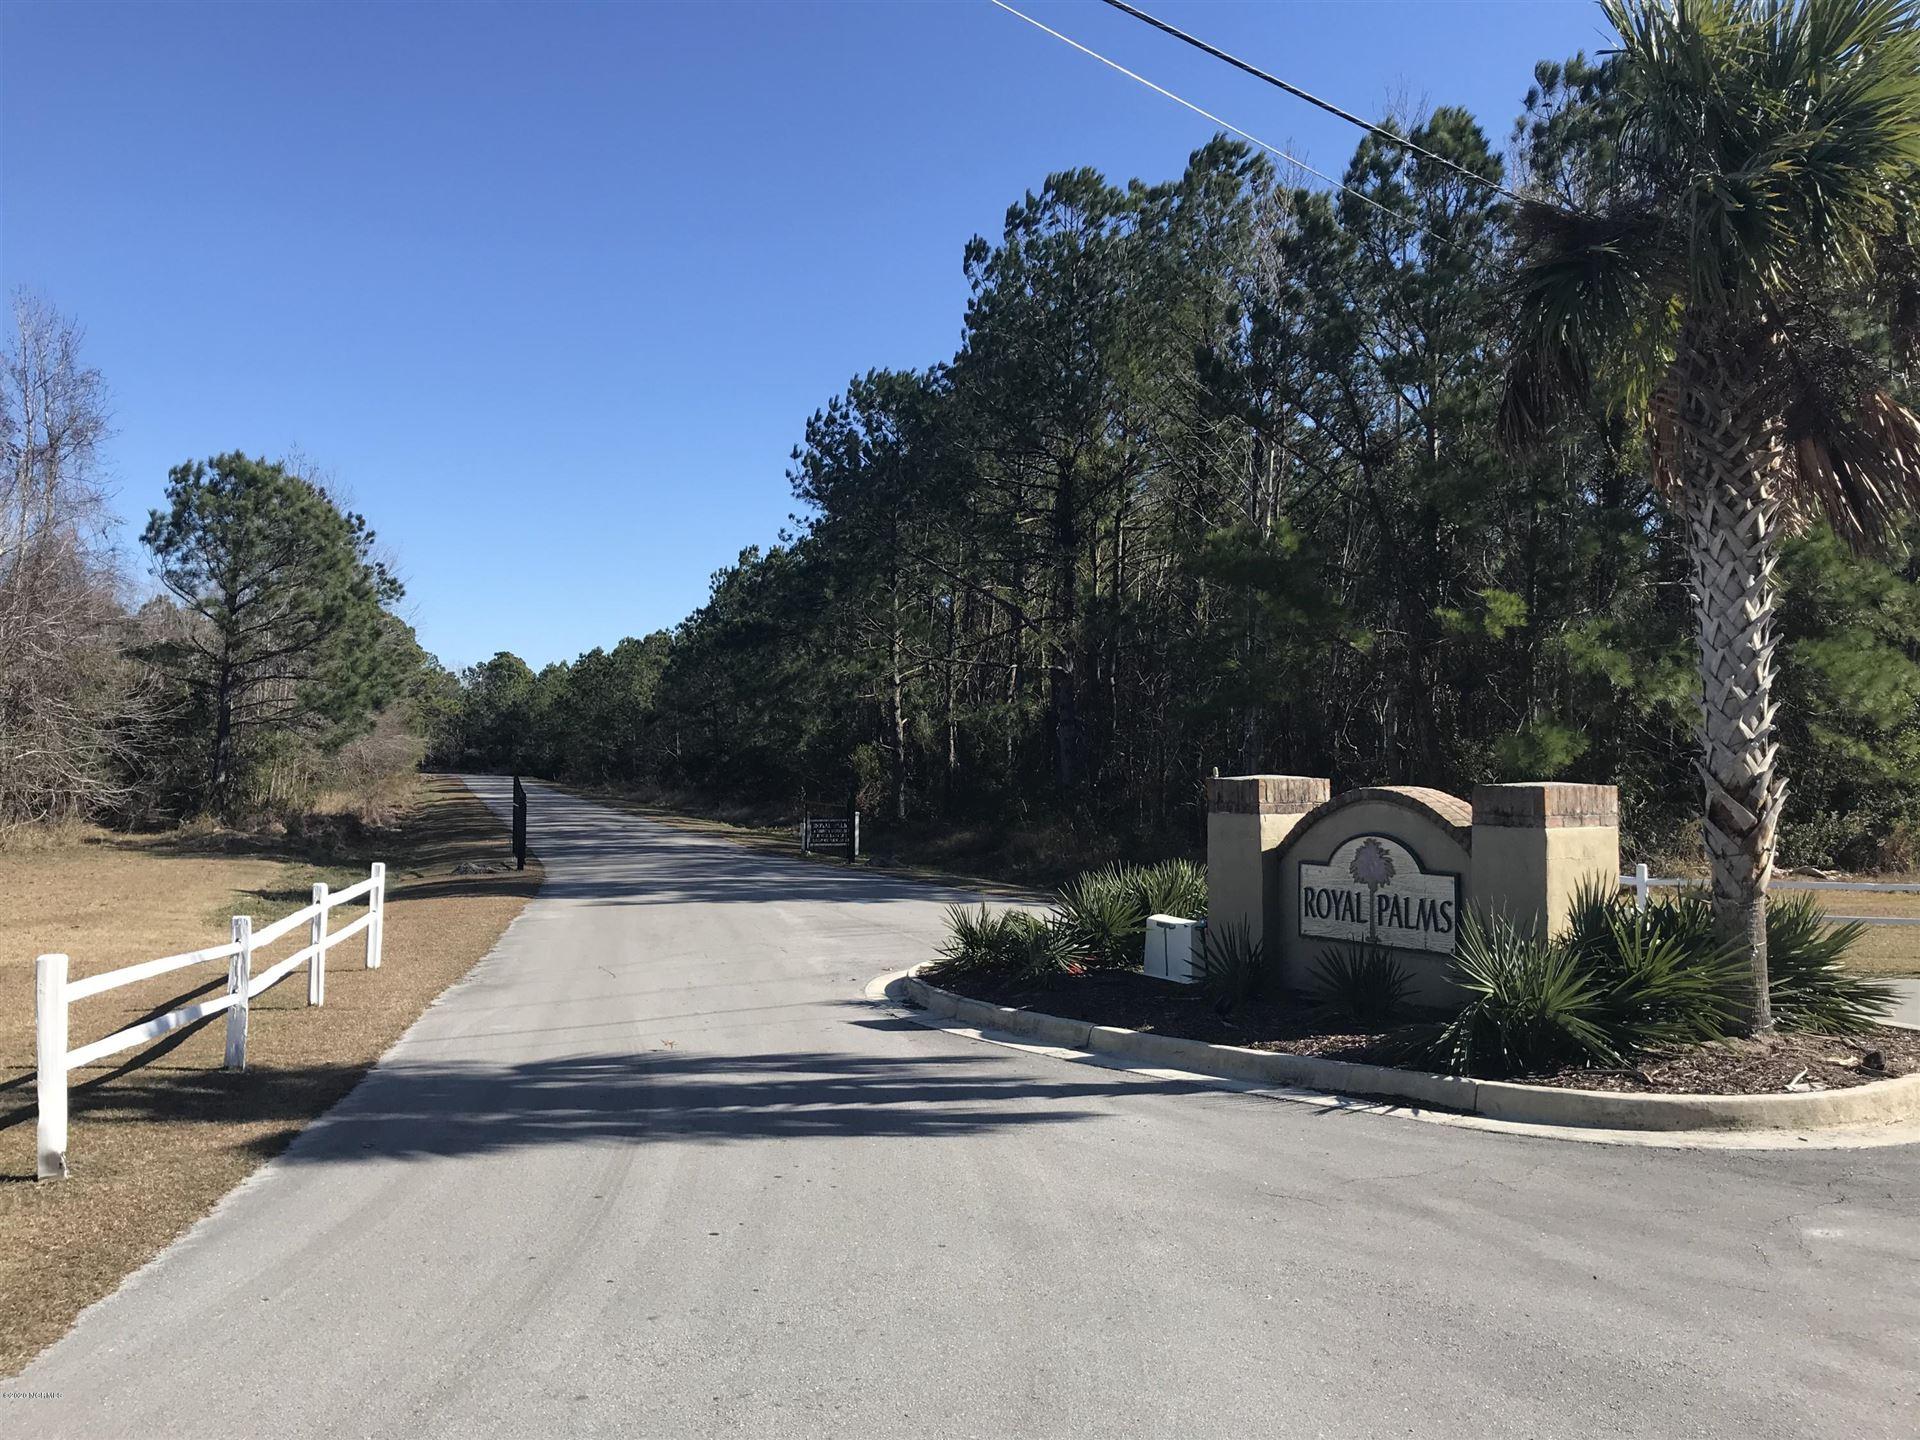 Photo of 214 Royal Palms Way, Holly Ridge, NC 28445 (MLS # 100200951)